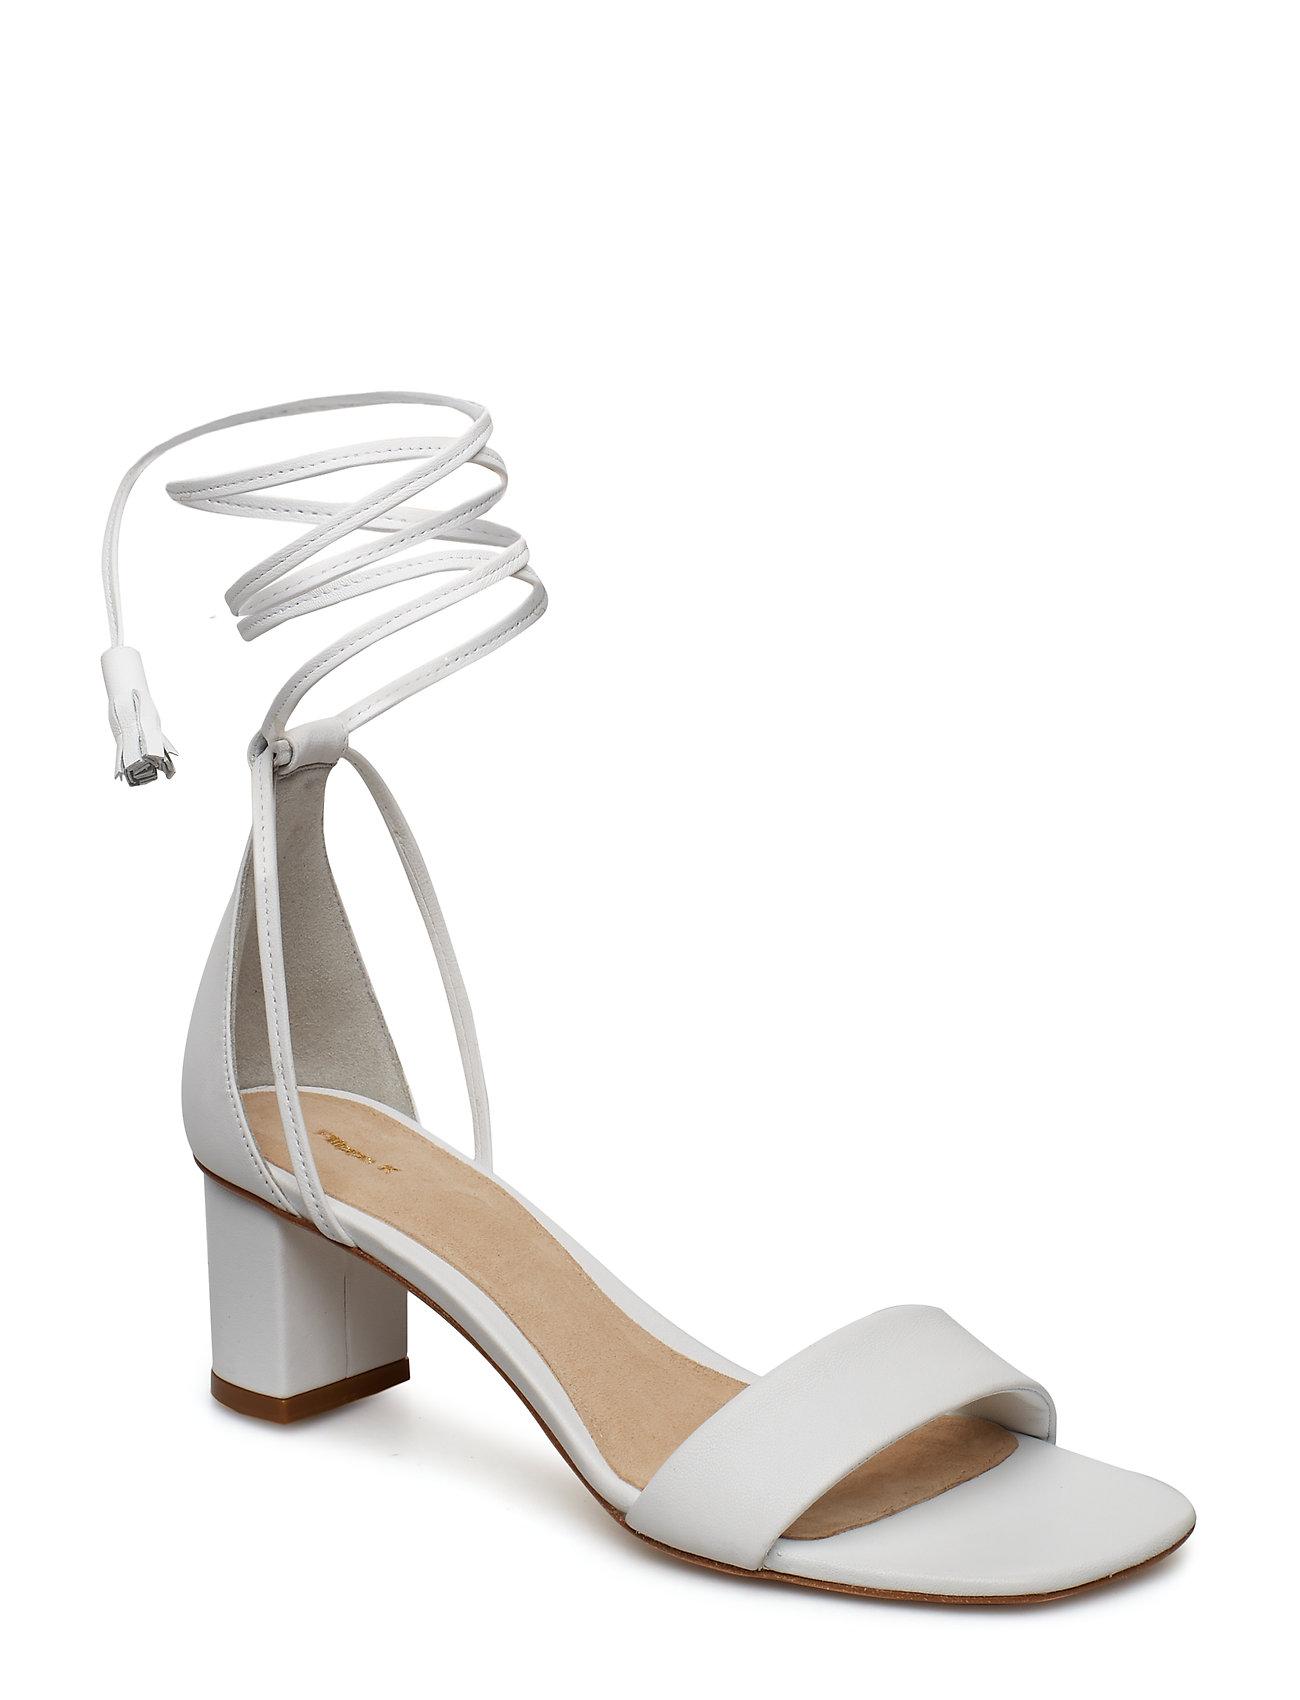 18770f6b697 Filippa K højhælede sandaler – Trinity Strappy Mid Sandal til dame i ...